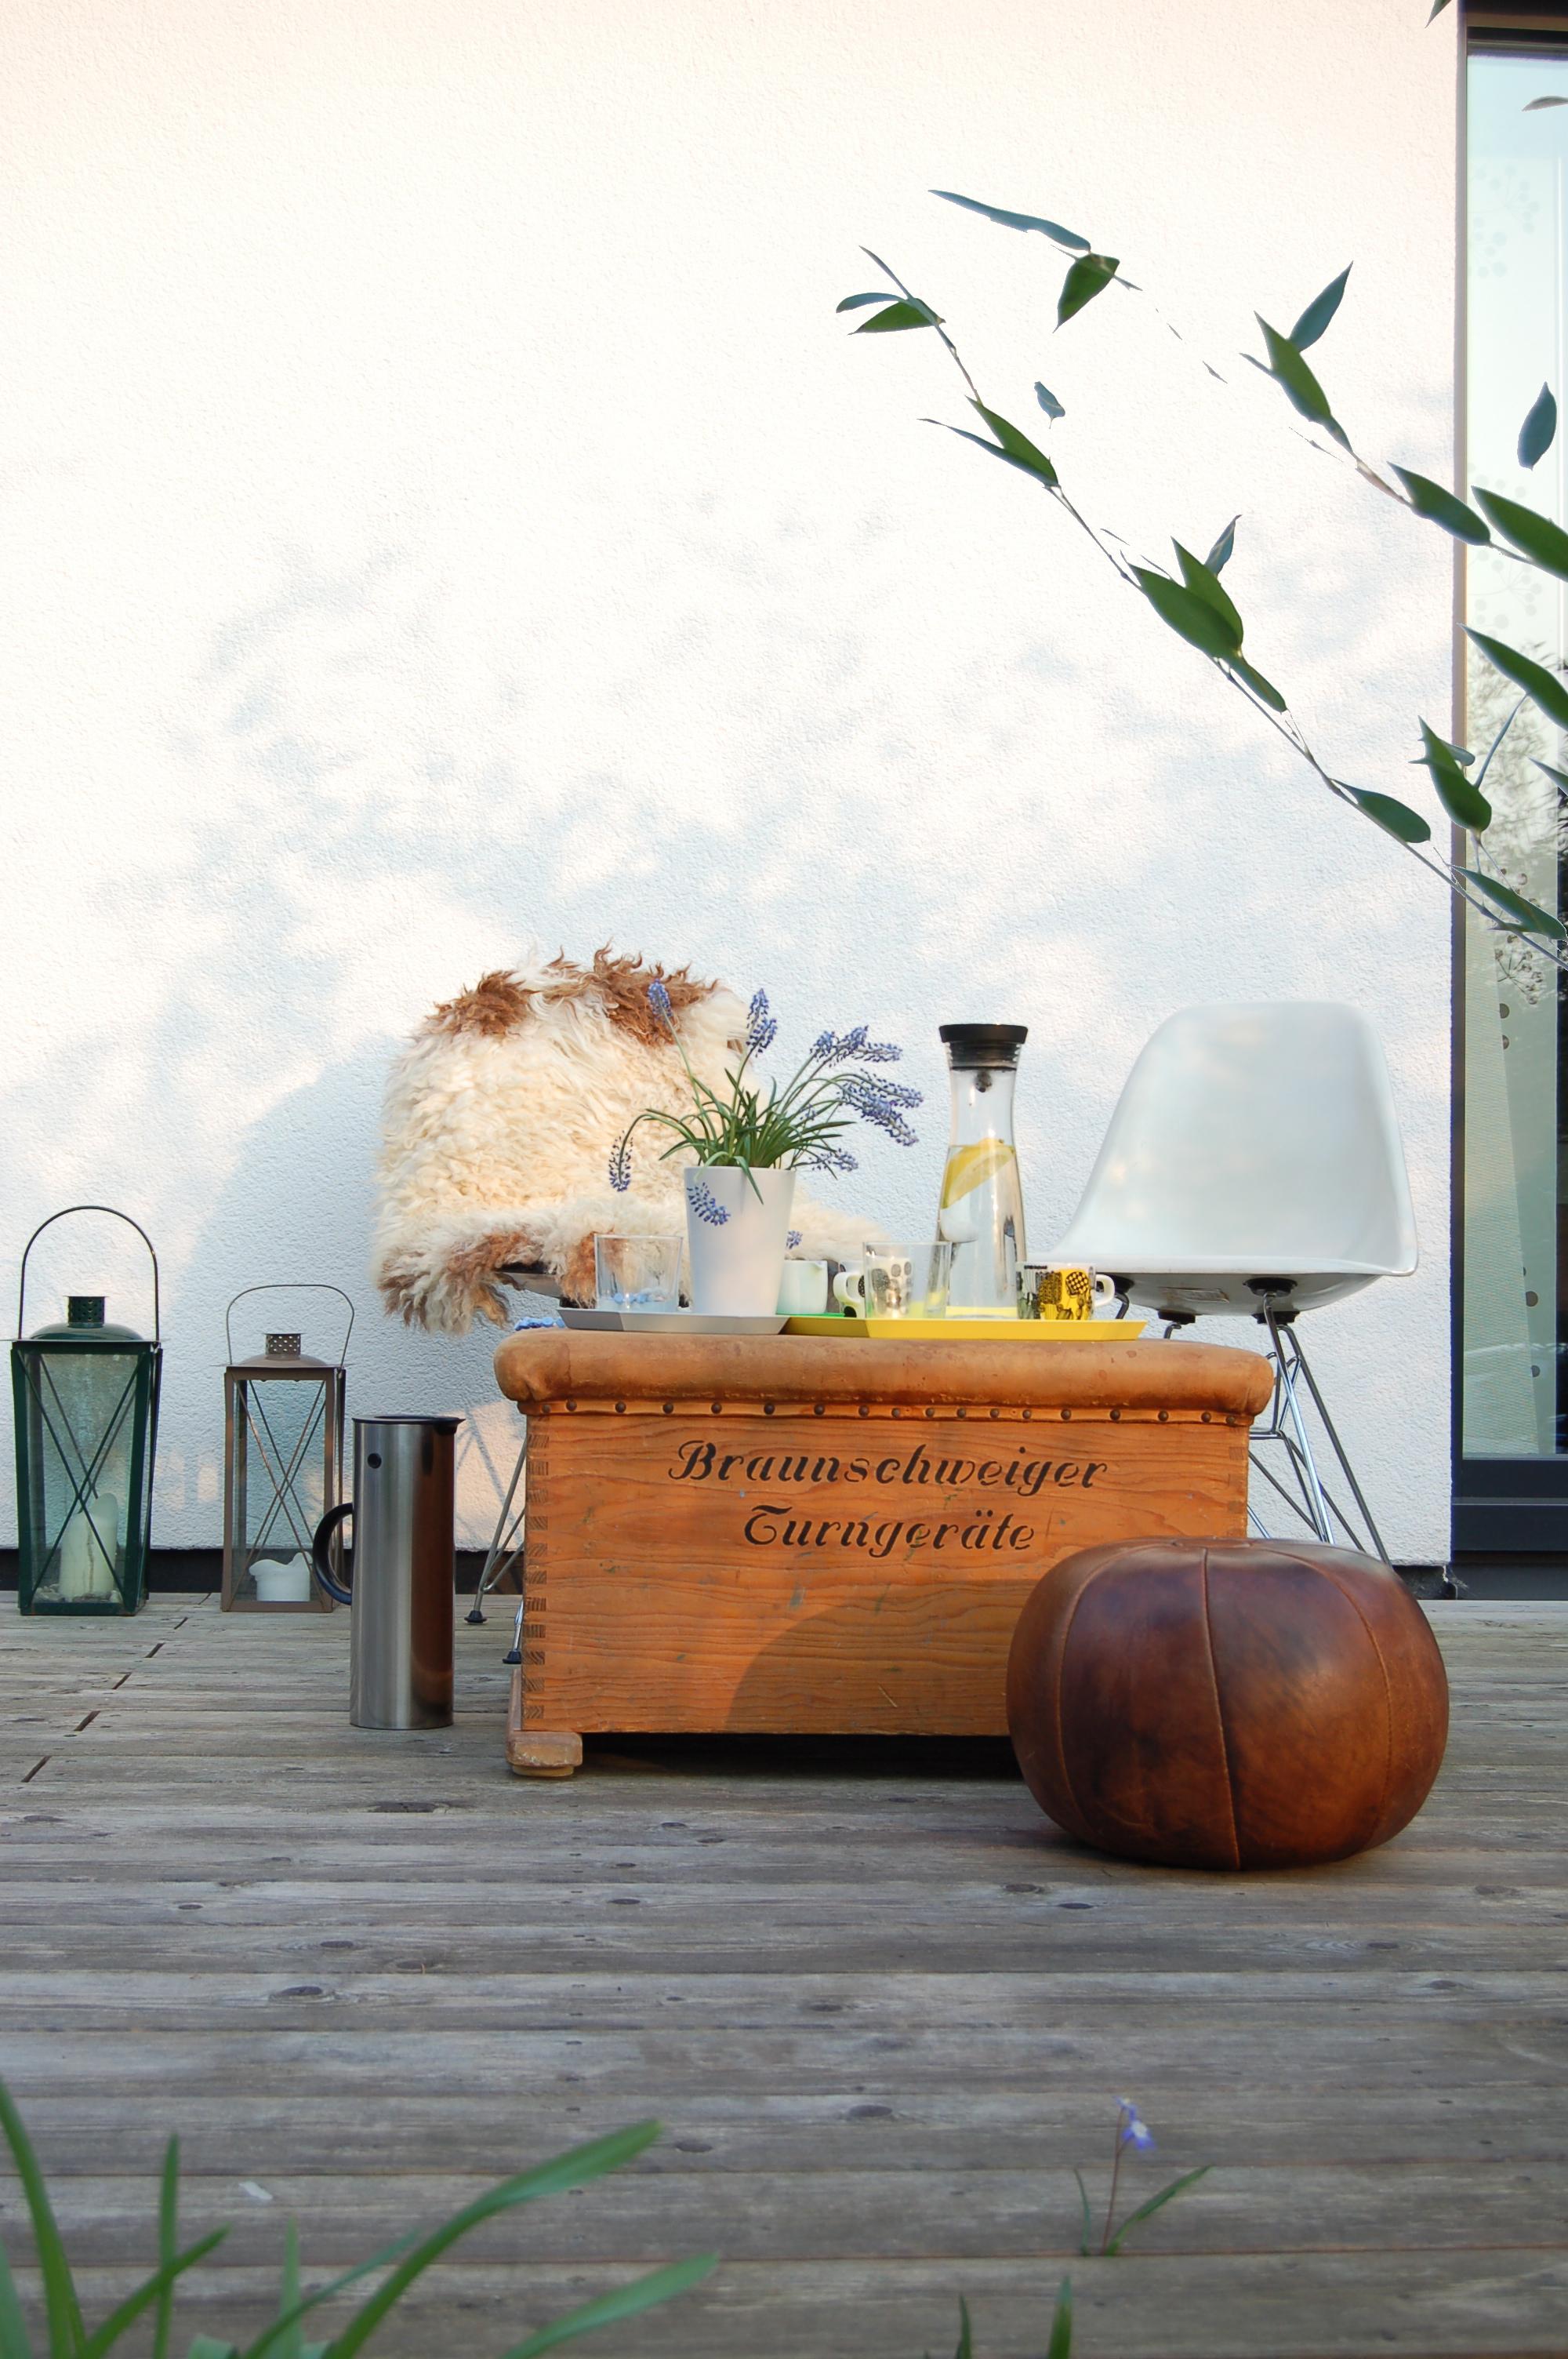 ich mag keine so tun als ob oberfl chen rosmarina ber ihre liebe zu alten turnger ten und. Black Bedroom Furniture Sets. Home Design Ideas